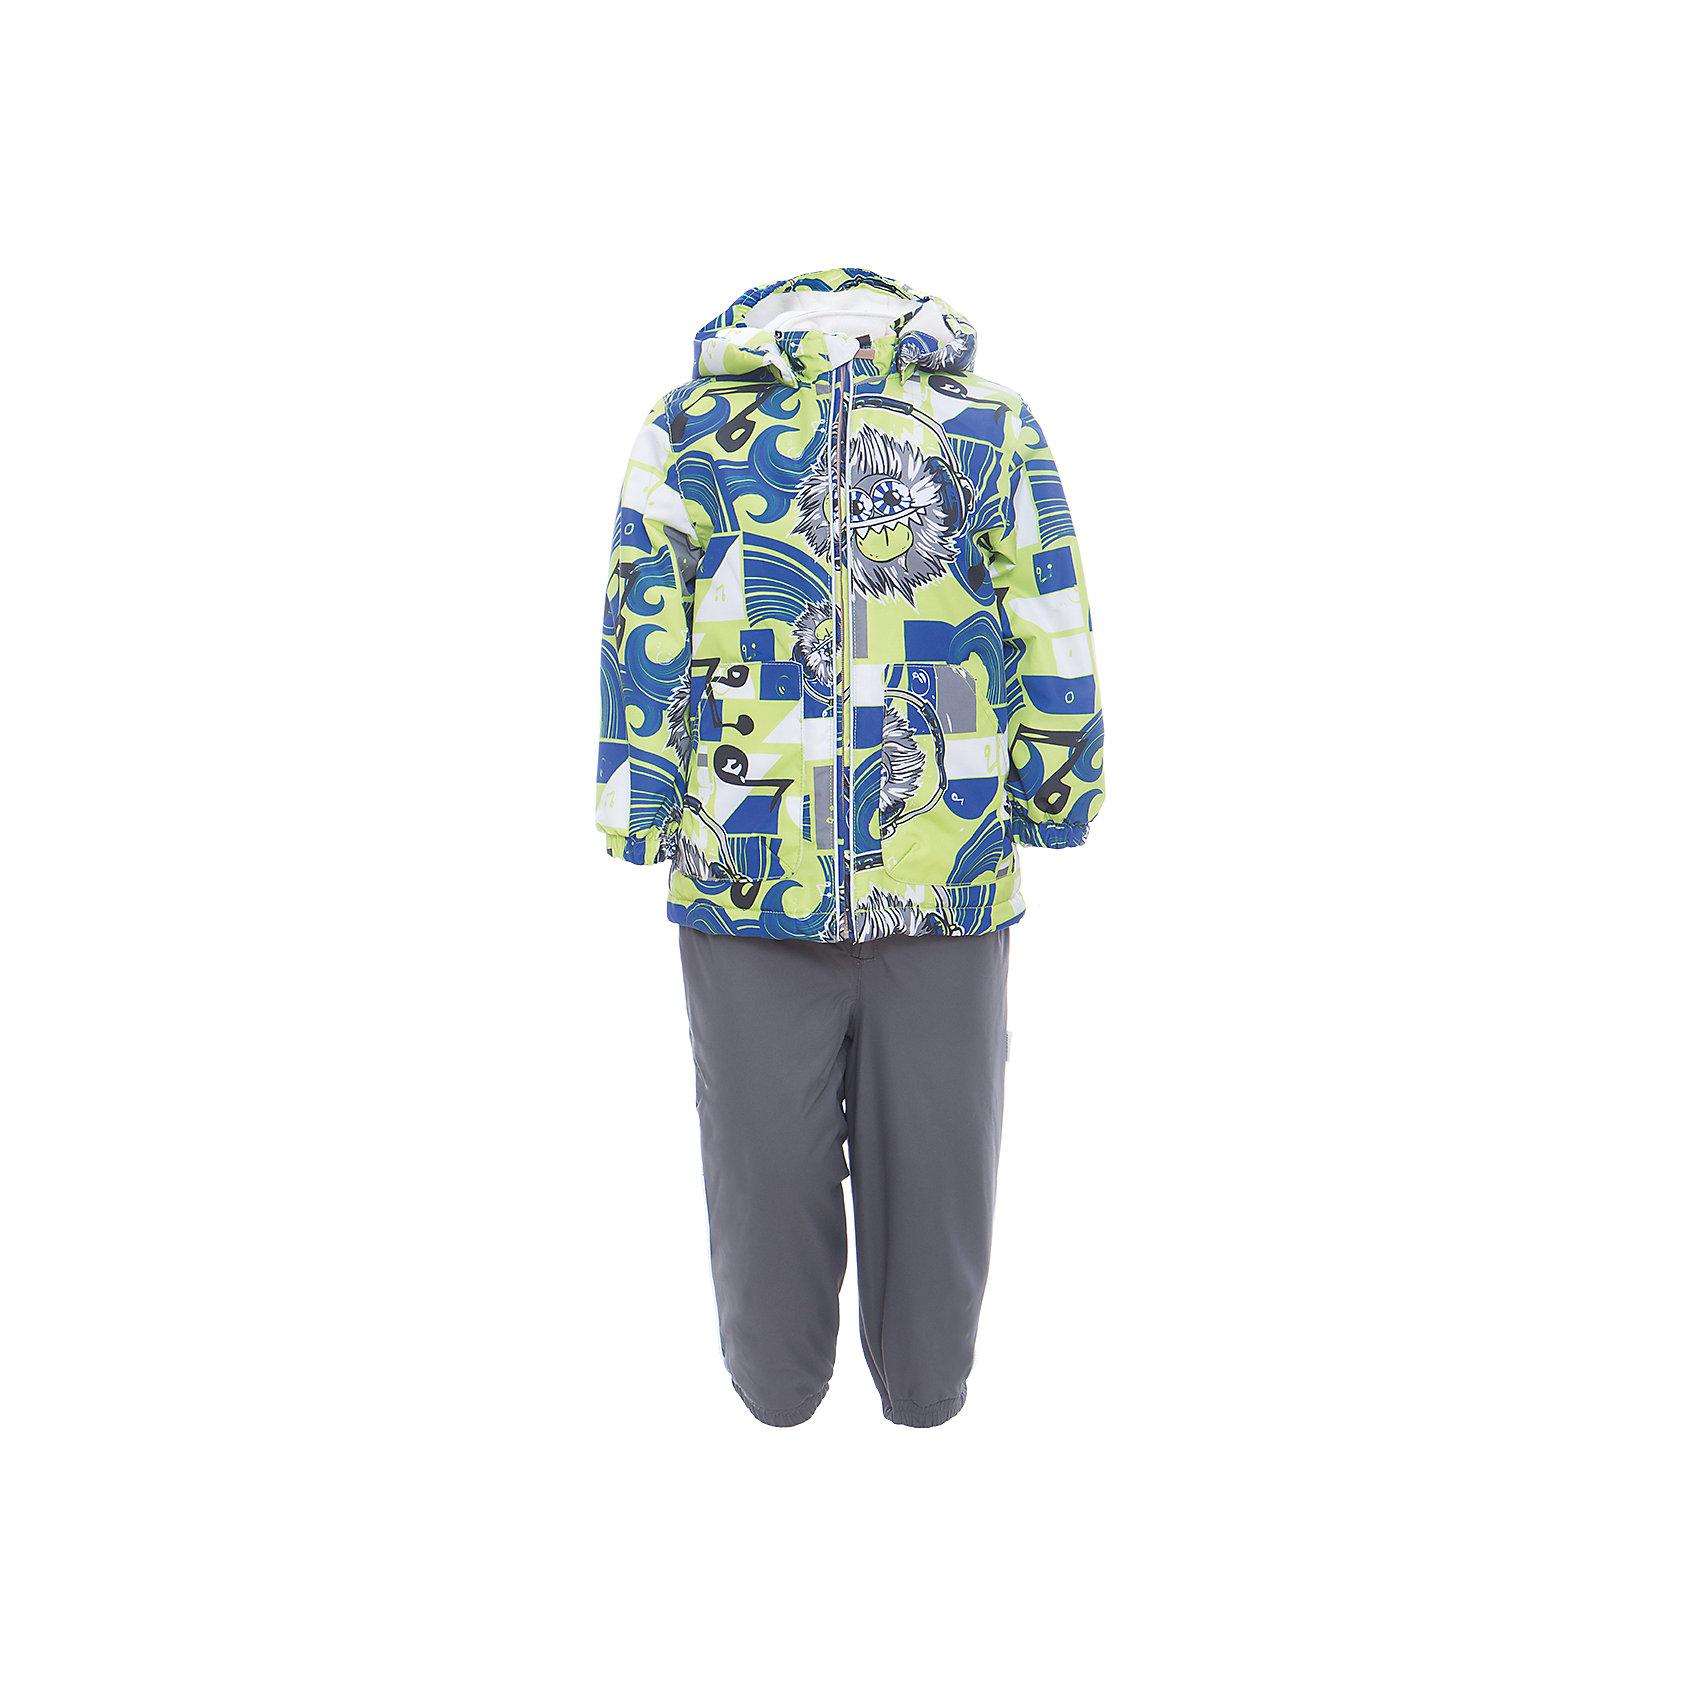 Комплект: куртка и полукомбинезон для мальчика CARLO HuppaКомплекты<br>Характеристики товара:<br><br>• цвет: лайм принт/серый<br>• комплектация: куртка и полукомбинезон <br>• ткань: 100% полиэстер<br>• подкладка: тафта - 100% полиэстер<br>• утеплитель: 100% полиэстер; куртка 100 г, полукомбинезон 40 г<br>• температурный режим: от -5°С до +10°С<br>• водонепроницаемость: 10000 мм<br>• воздухопроницаемость: 10000 мм<br>• светоотражающие детали<br>• шов сидения проклеен<br>• съёмный капюшон с резинкой<br>• эластичные манжеты на рукавах<br>• манжеты брюк с резинкой<br>• съёмные эластичные штрипки<br>• без внутренних швов<br>• резиновые подтяжки<br>• коллекция: весна-лето 2017<br>• страна бренда: Эстония<br><br>Такой модный демисезонный комплект  обеспечит детям тепло и комфорт. Он сделан из материала, отталкивающего воду, и дополнен подкладкой с утеплителем, поэтому изделие идеально подходит для межсезонья. Материал изделий - с мембранной технологией: защищая от влаги и ветра, он легко выводит лишнюю влагу наружу. Комплект очень симпатично смотрится. <br><br>Одежда и обувь от популярного эстонского бренда Huppa - отличный вариант одеть ребенка можно и комфортно. Вещи, выпускаемые компанией, качественные, продуманные и очень удобные. Для производства изделий используются только безопасные для детей материалы. Продукция от Huppa порадует и детей, и их родителей!<br><br>Комплект: куртка и полукомбинезон для мальчика CARLO от бренда Huppa (Хуппа) можно купить в нашем интернет-магазине.<br><br>Ширина мм: 356<br>Глубина мм: 10<br>Высота мм: 245<br>Вес г: 519<br>Цвет: зеленый<br>Возраст от месяцев: 48<br>Возраст до месяцев: 60<br>Пол: Мужской<br>Возраст: Детский<br>Размер: 110,80,86,92,98,104<br>SKU: 5346718